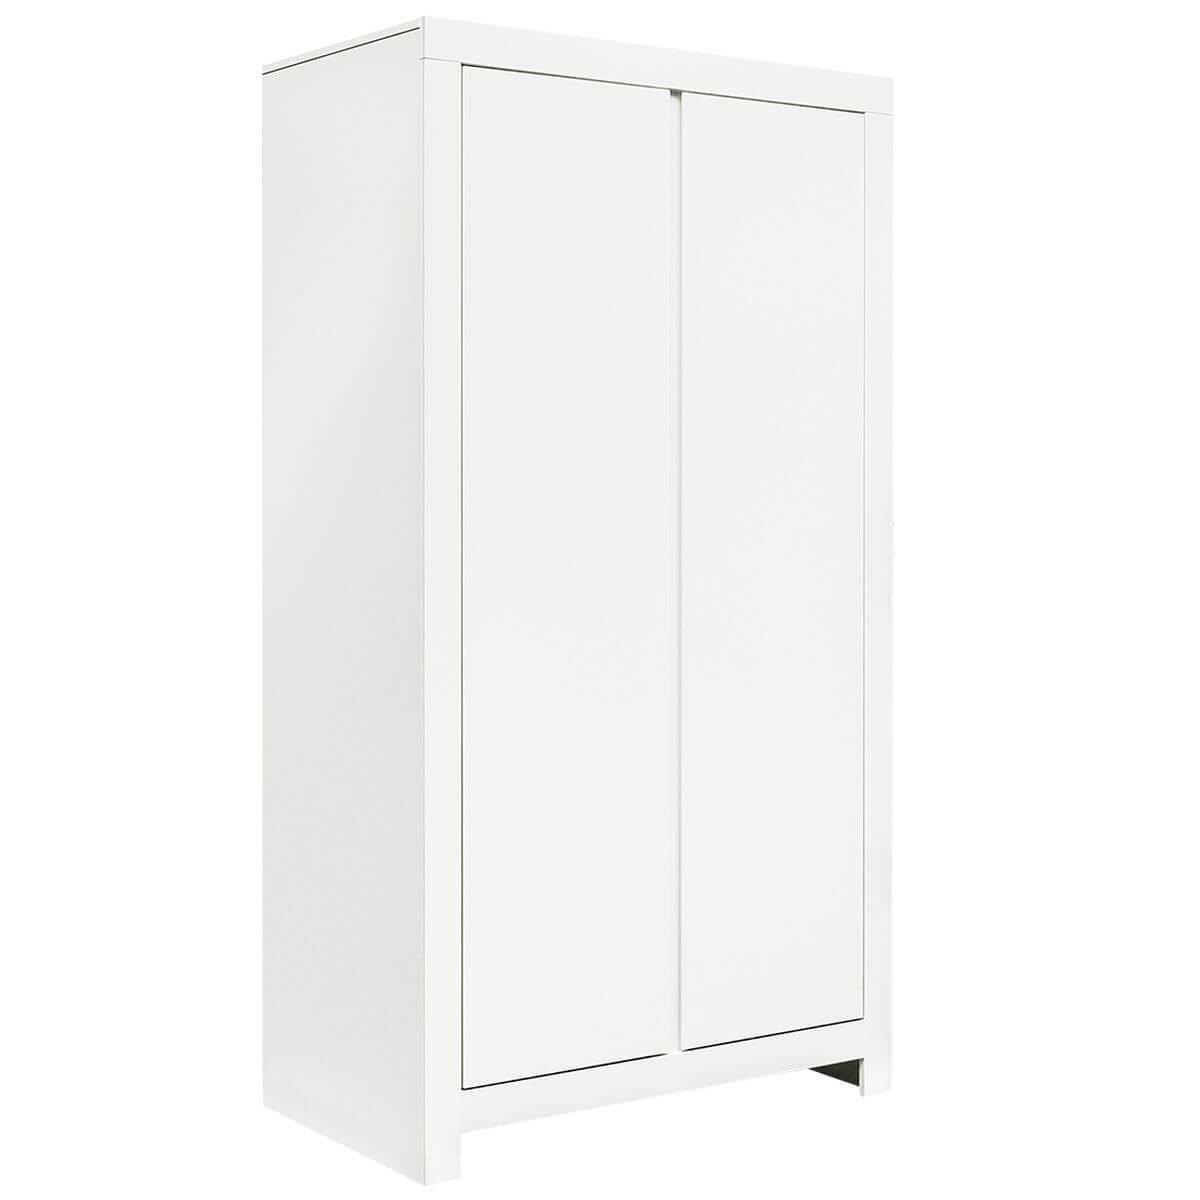 Armoire 2 portes THIJN Bopita blanc